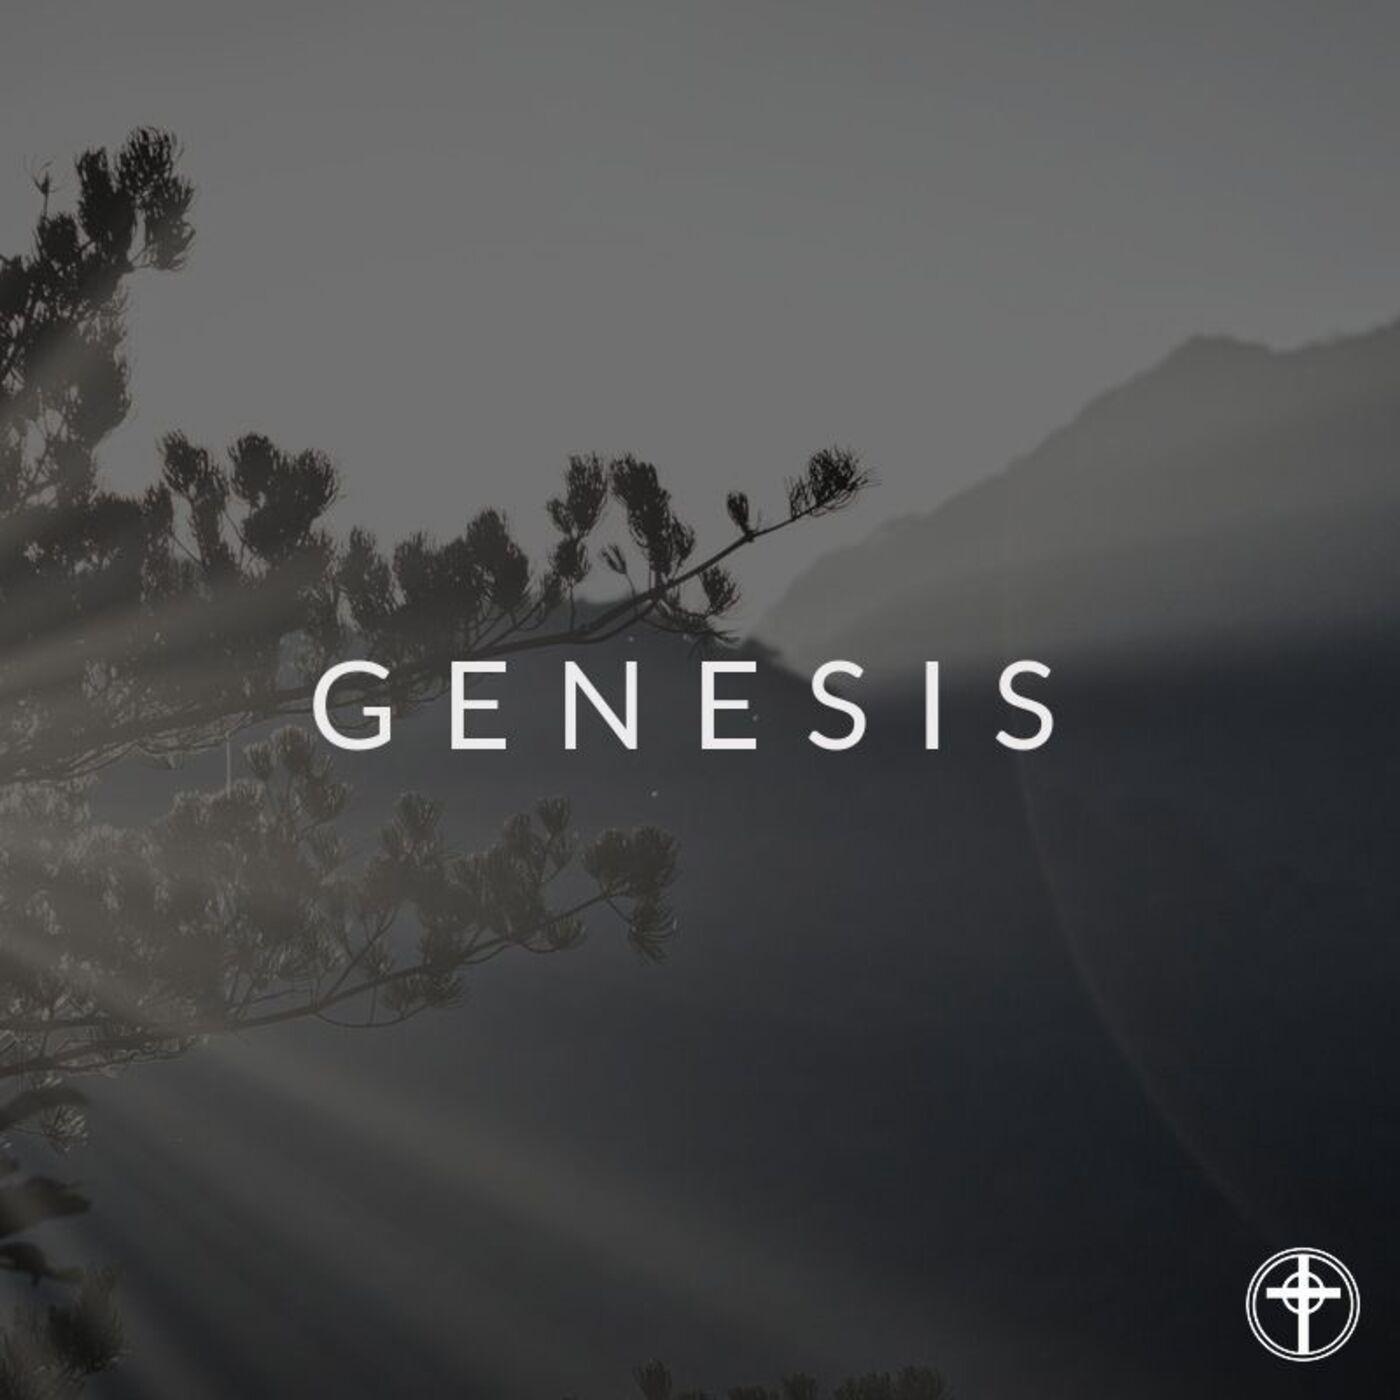 Genesis - Genesis 47:1-12 - Set Apart